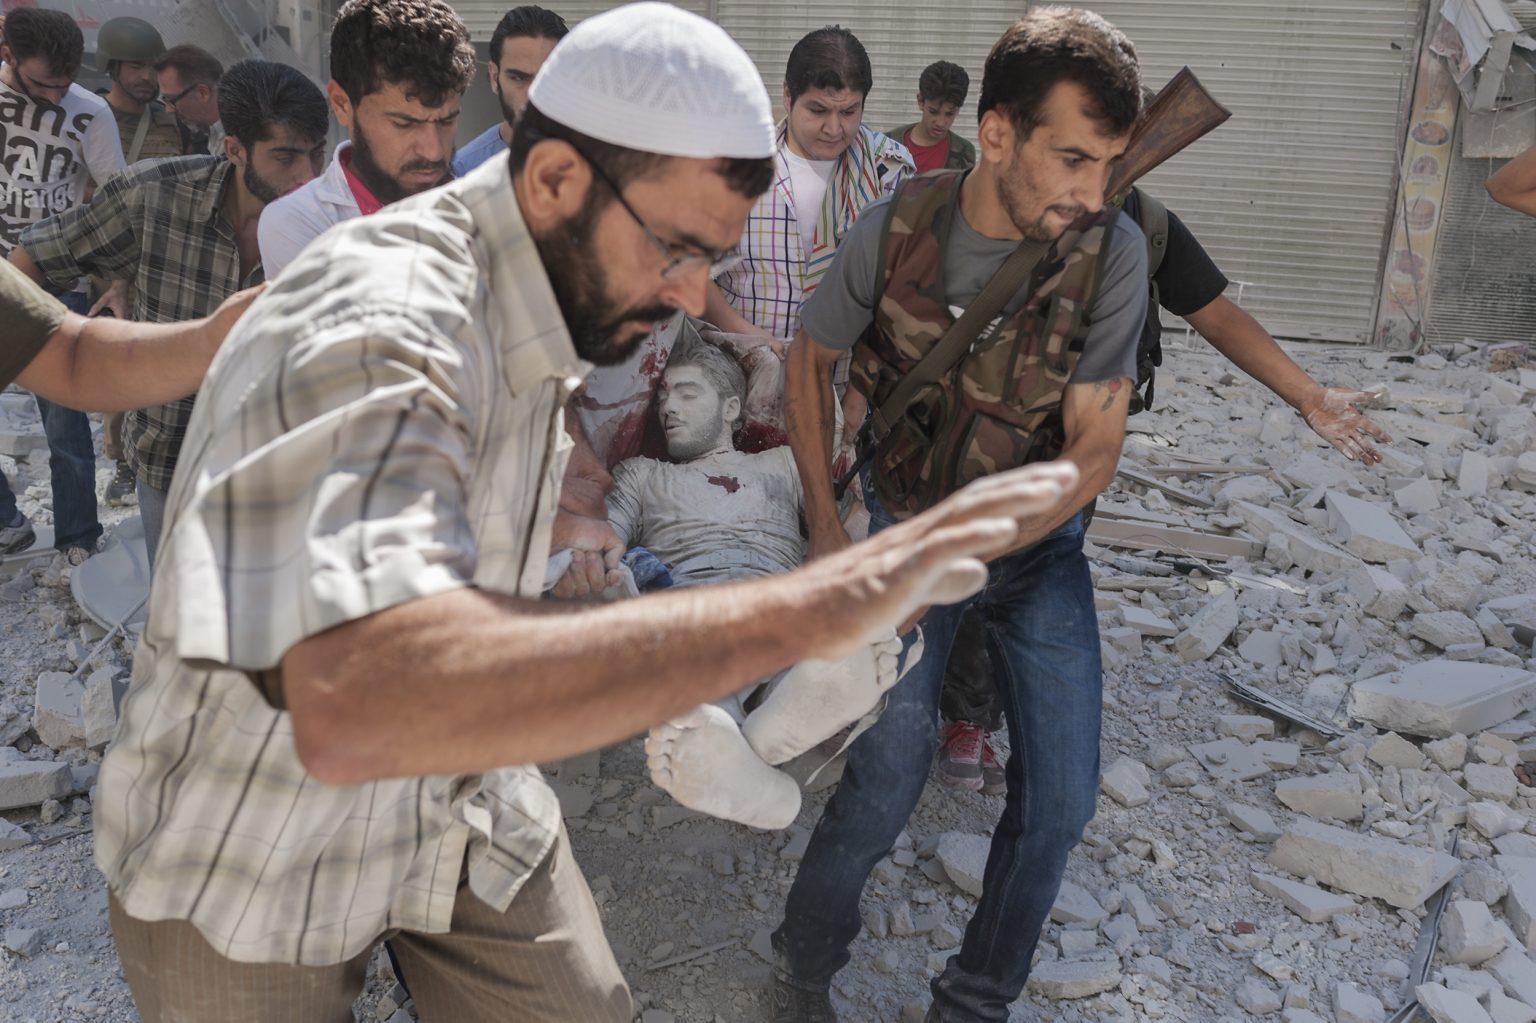 Aleppo, Syria 23rd September 2012 - Rescuers recover the body of a dead man under the rubble of a building bombed by the regime. -------------- Aleppo, Siria 23 settembre 2012 - Soccorritori recuperano il corpo di un uomo morto sotto le macerie di un edificio bombardato dal regime.